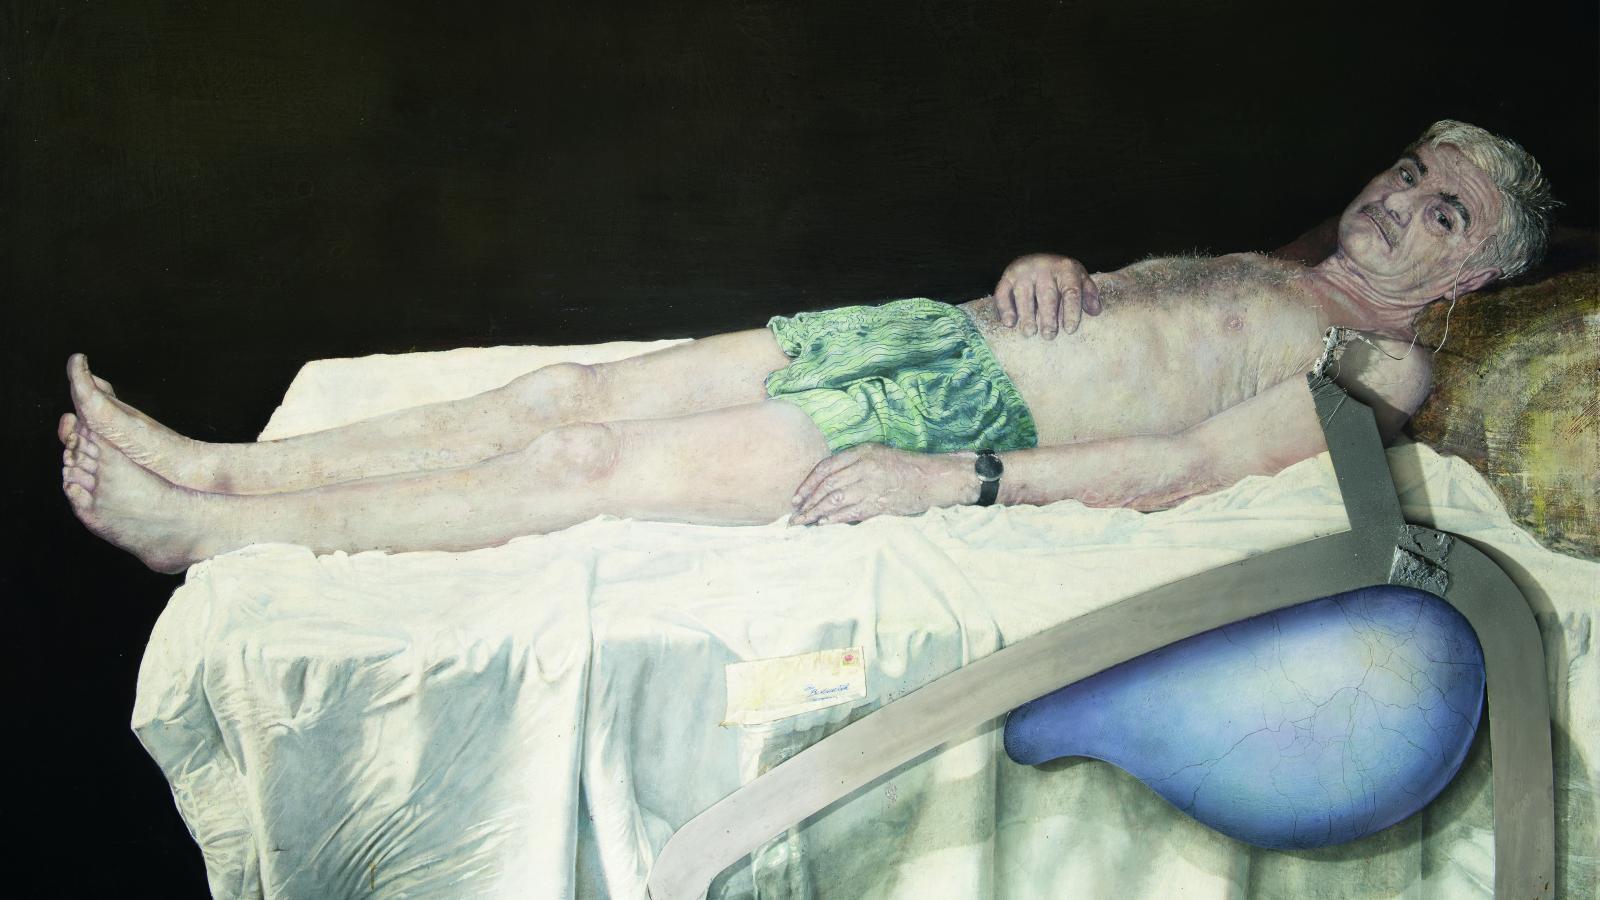 Bedřich Dlouhý / Autoportrét III, 2008